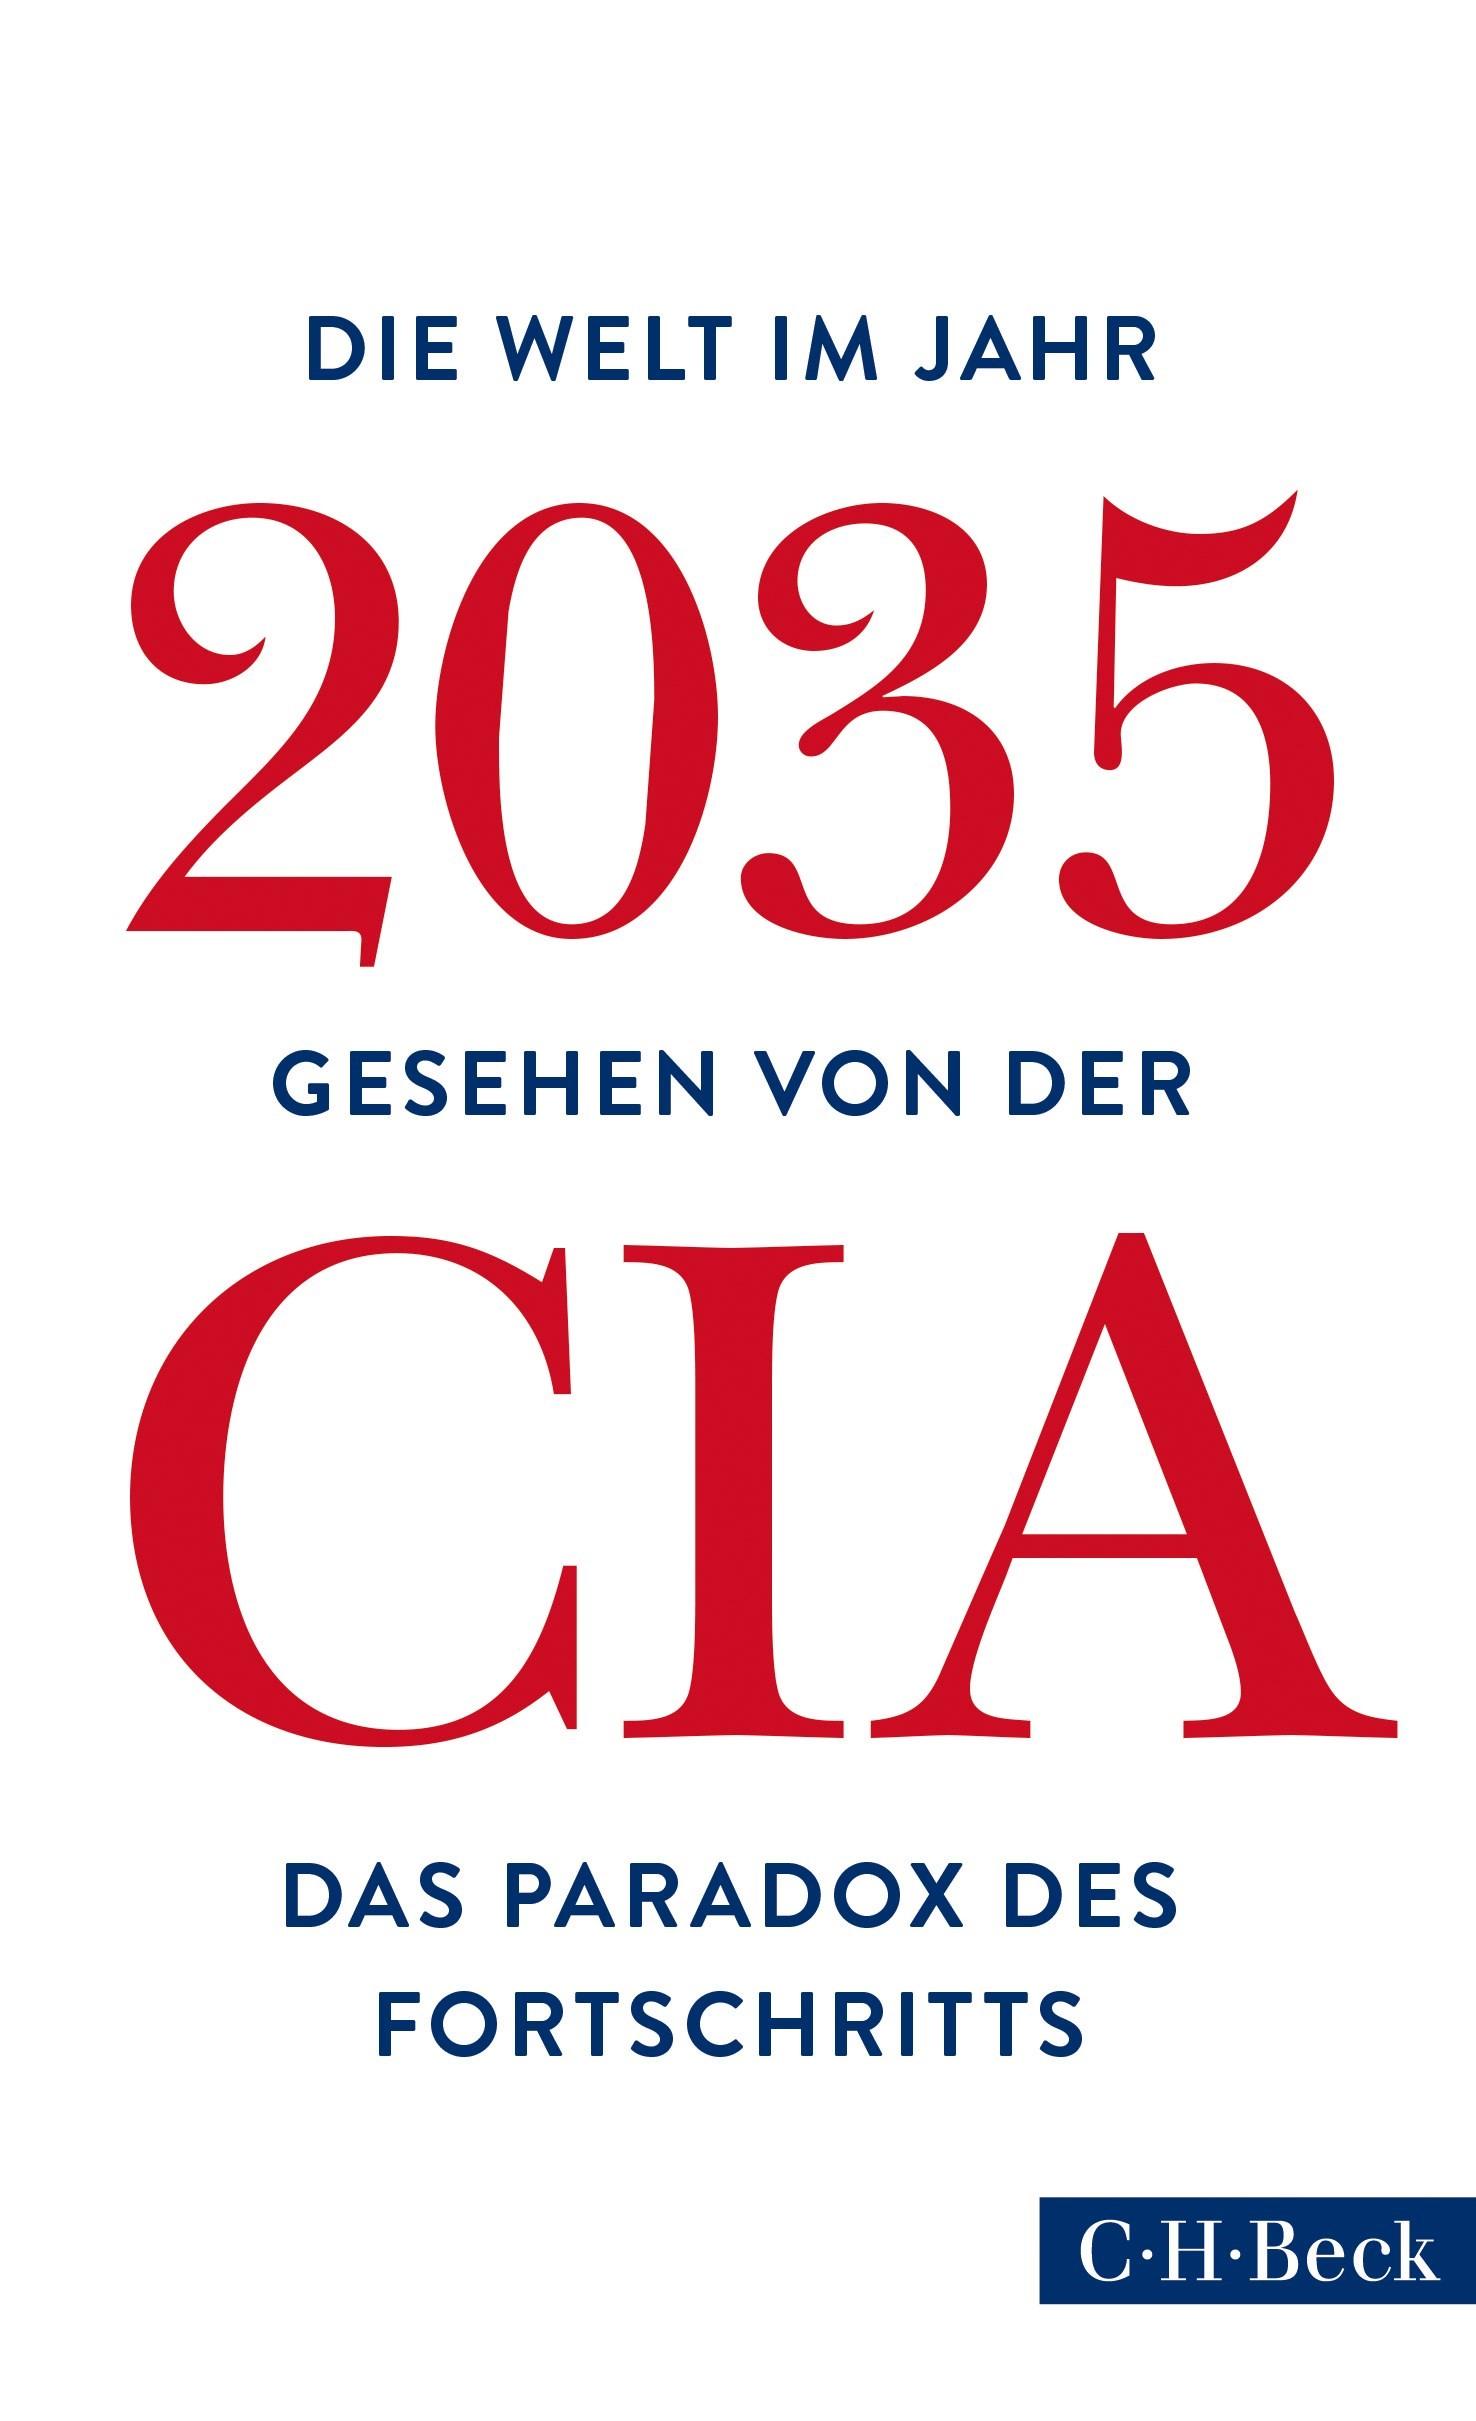 Cover des Buches 'Die Welt im Jahr 2035'